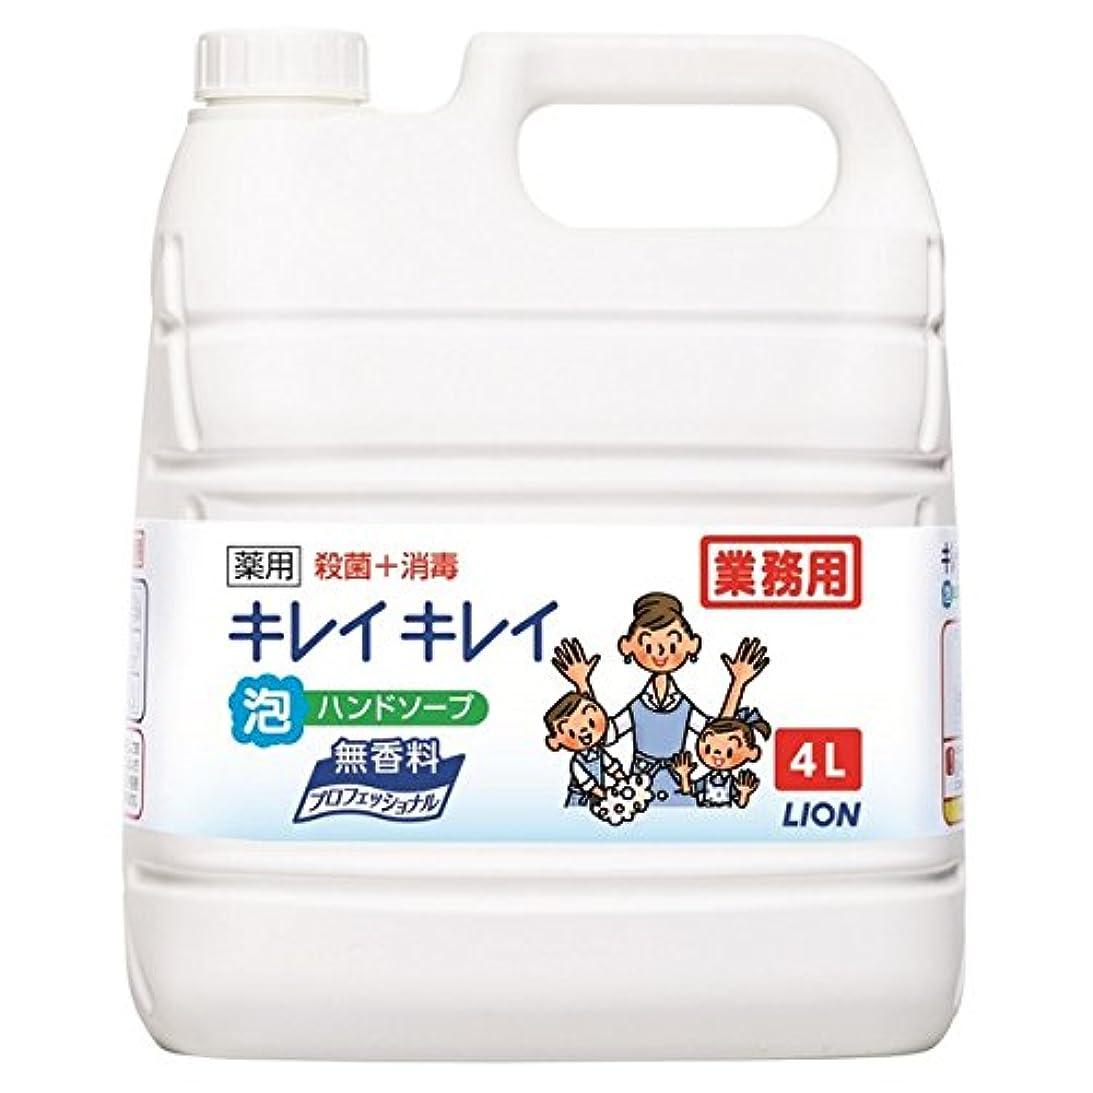 オール学校教育洪水ライオン キレイキレイ薬用泡ハンドソープ 無香料 4L×3本入